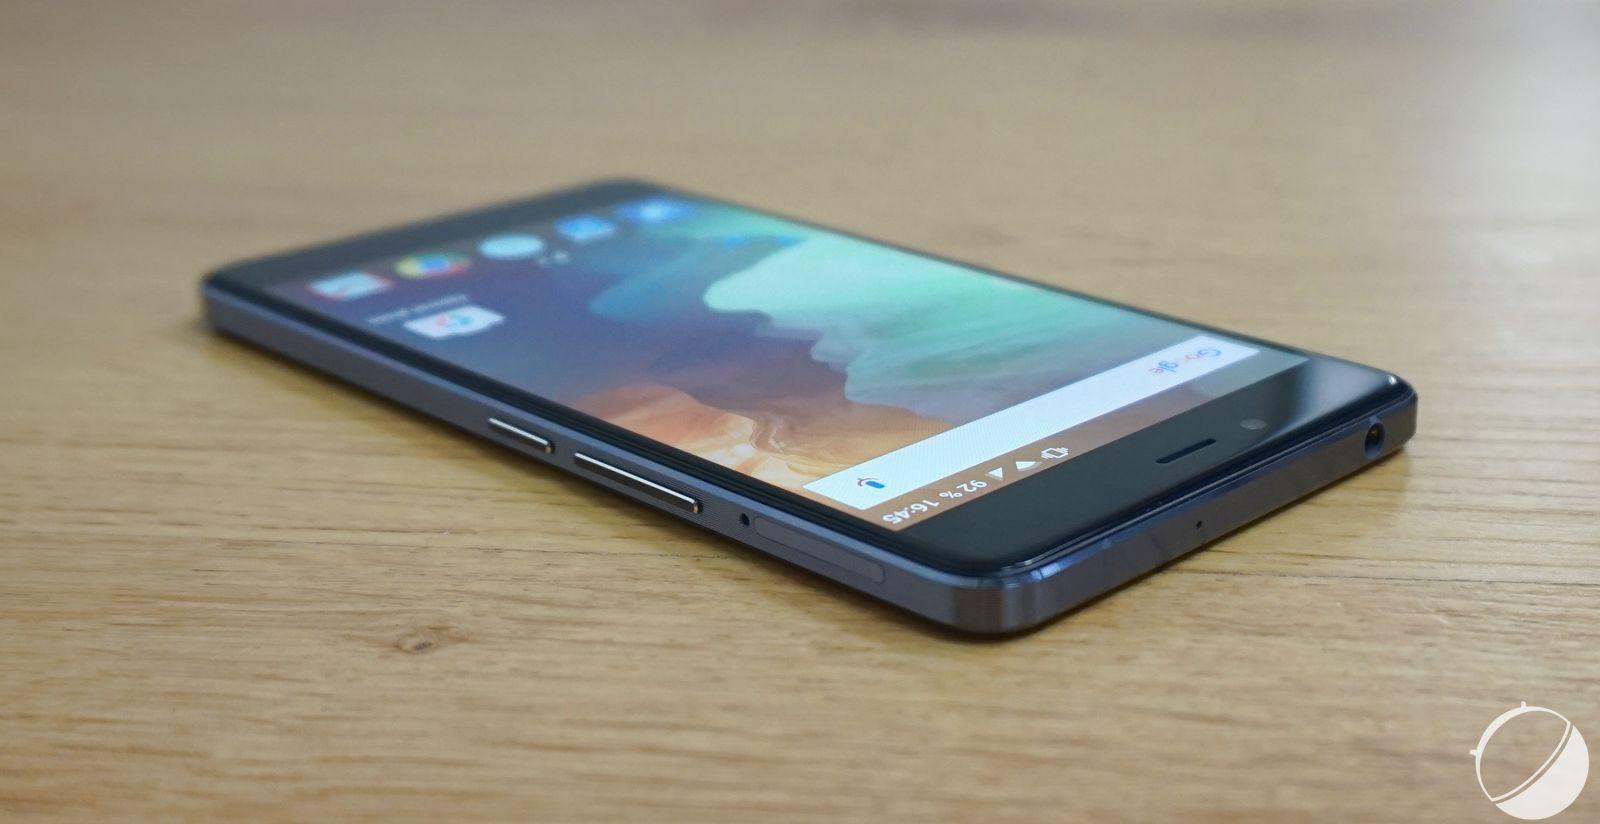 Le OnePlus X, six mois plus tard